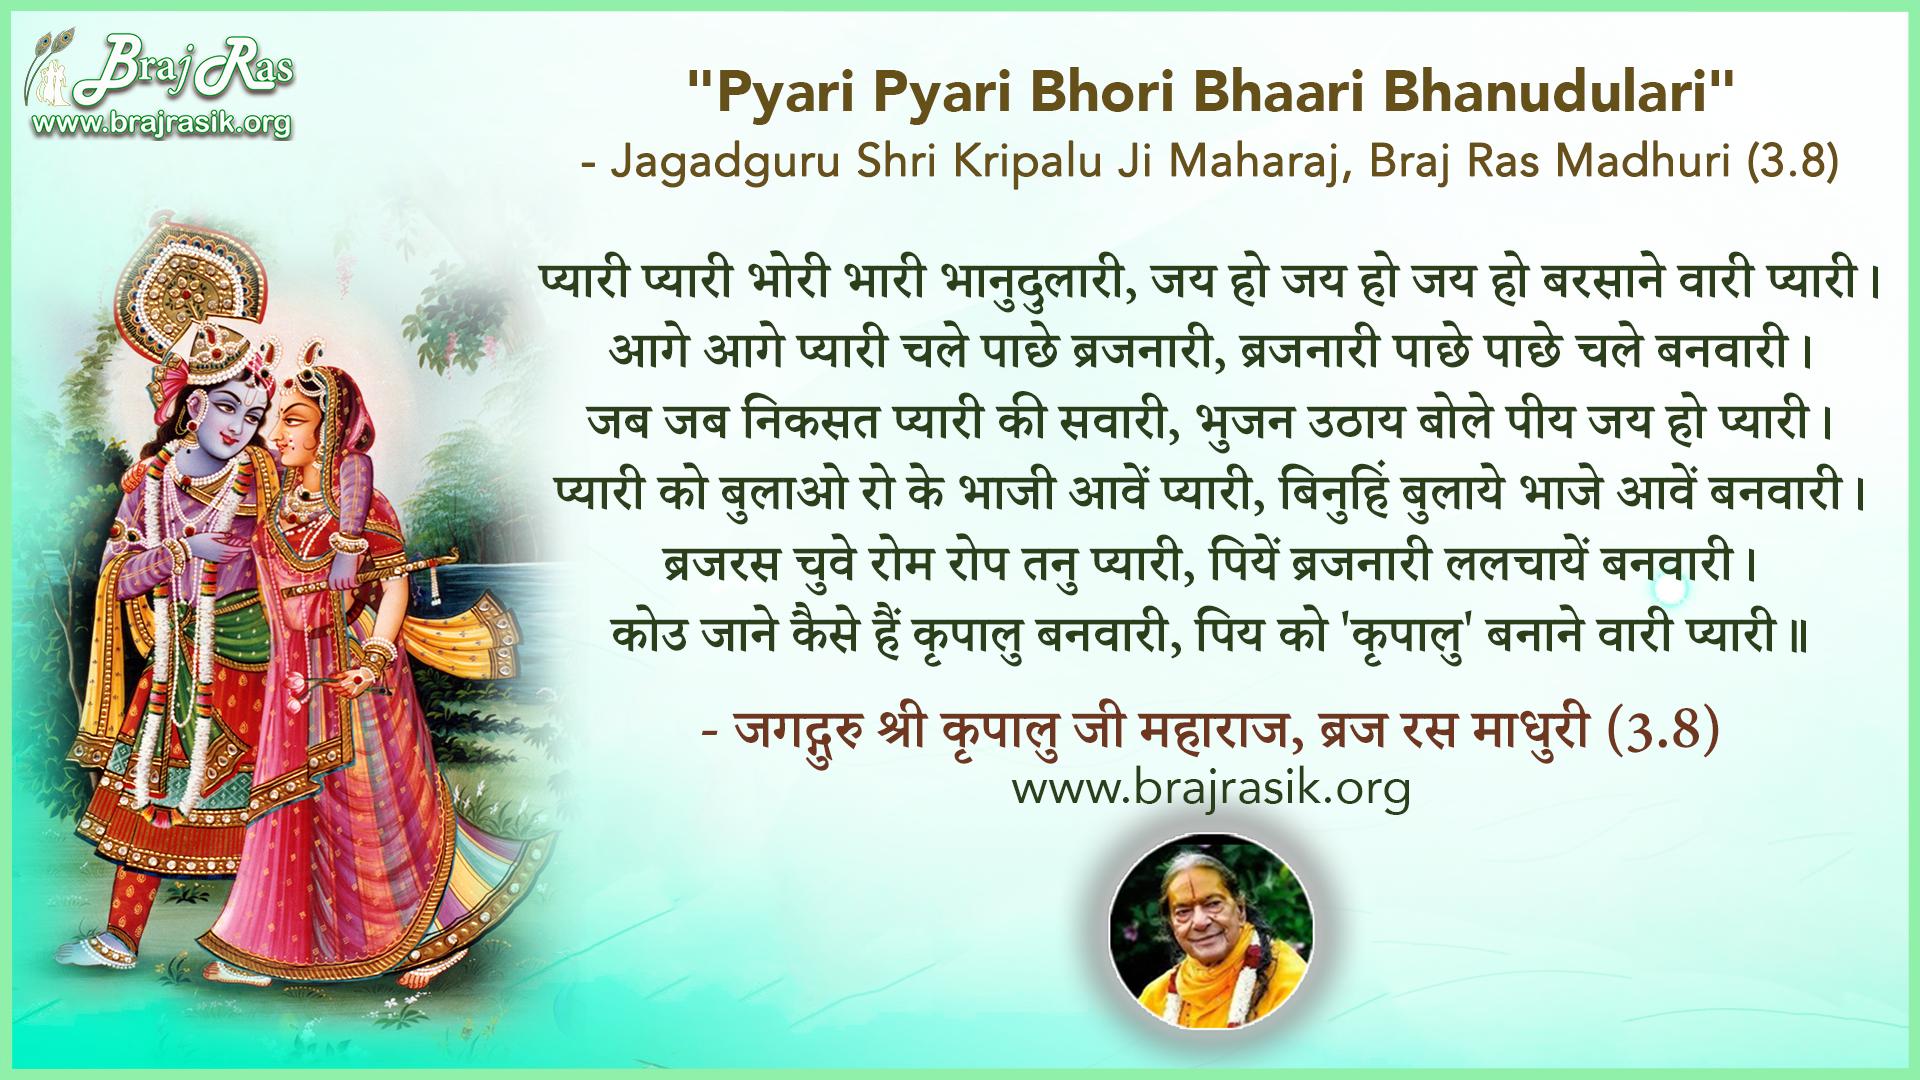 Pyari Pyari Bhori Bhaari Bhanudulari - Jagadguru Shri Kripalu Ji Maharaj, Braj Ras Madhuri (3.8)